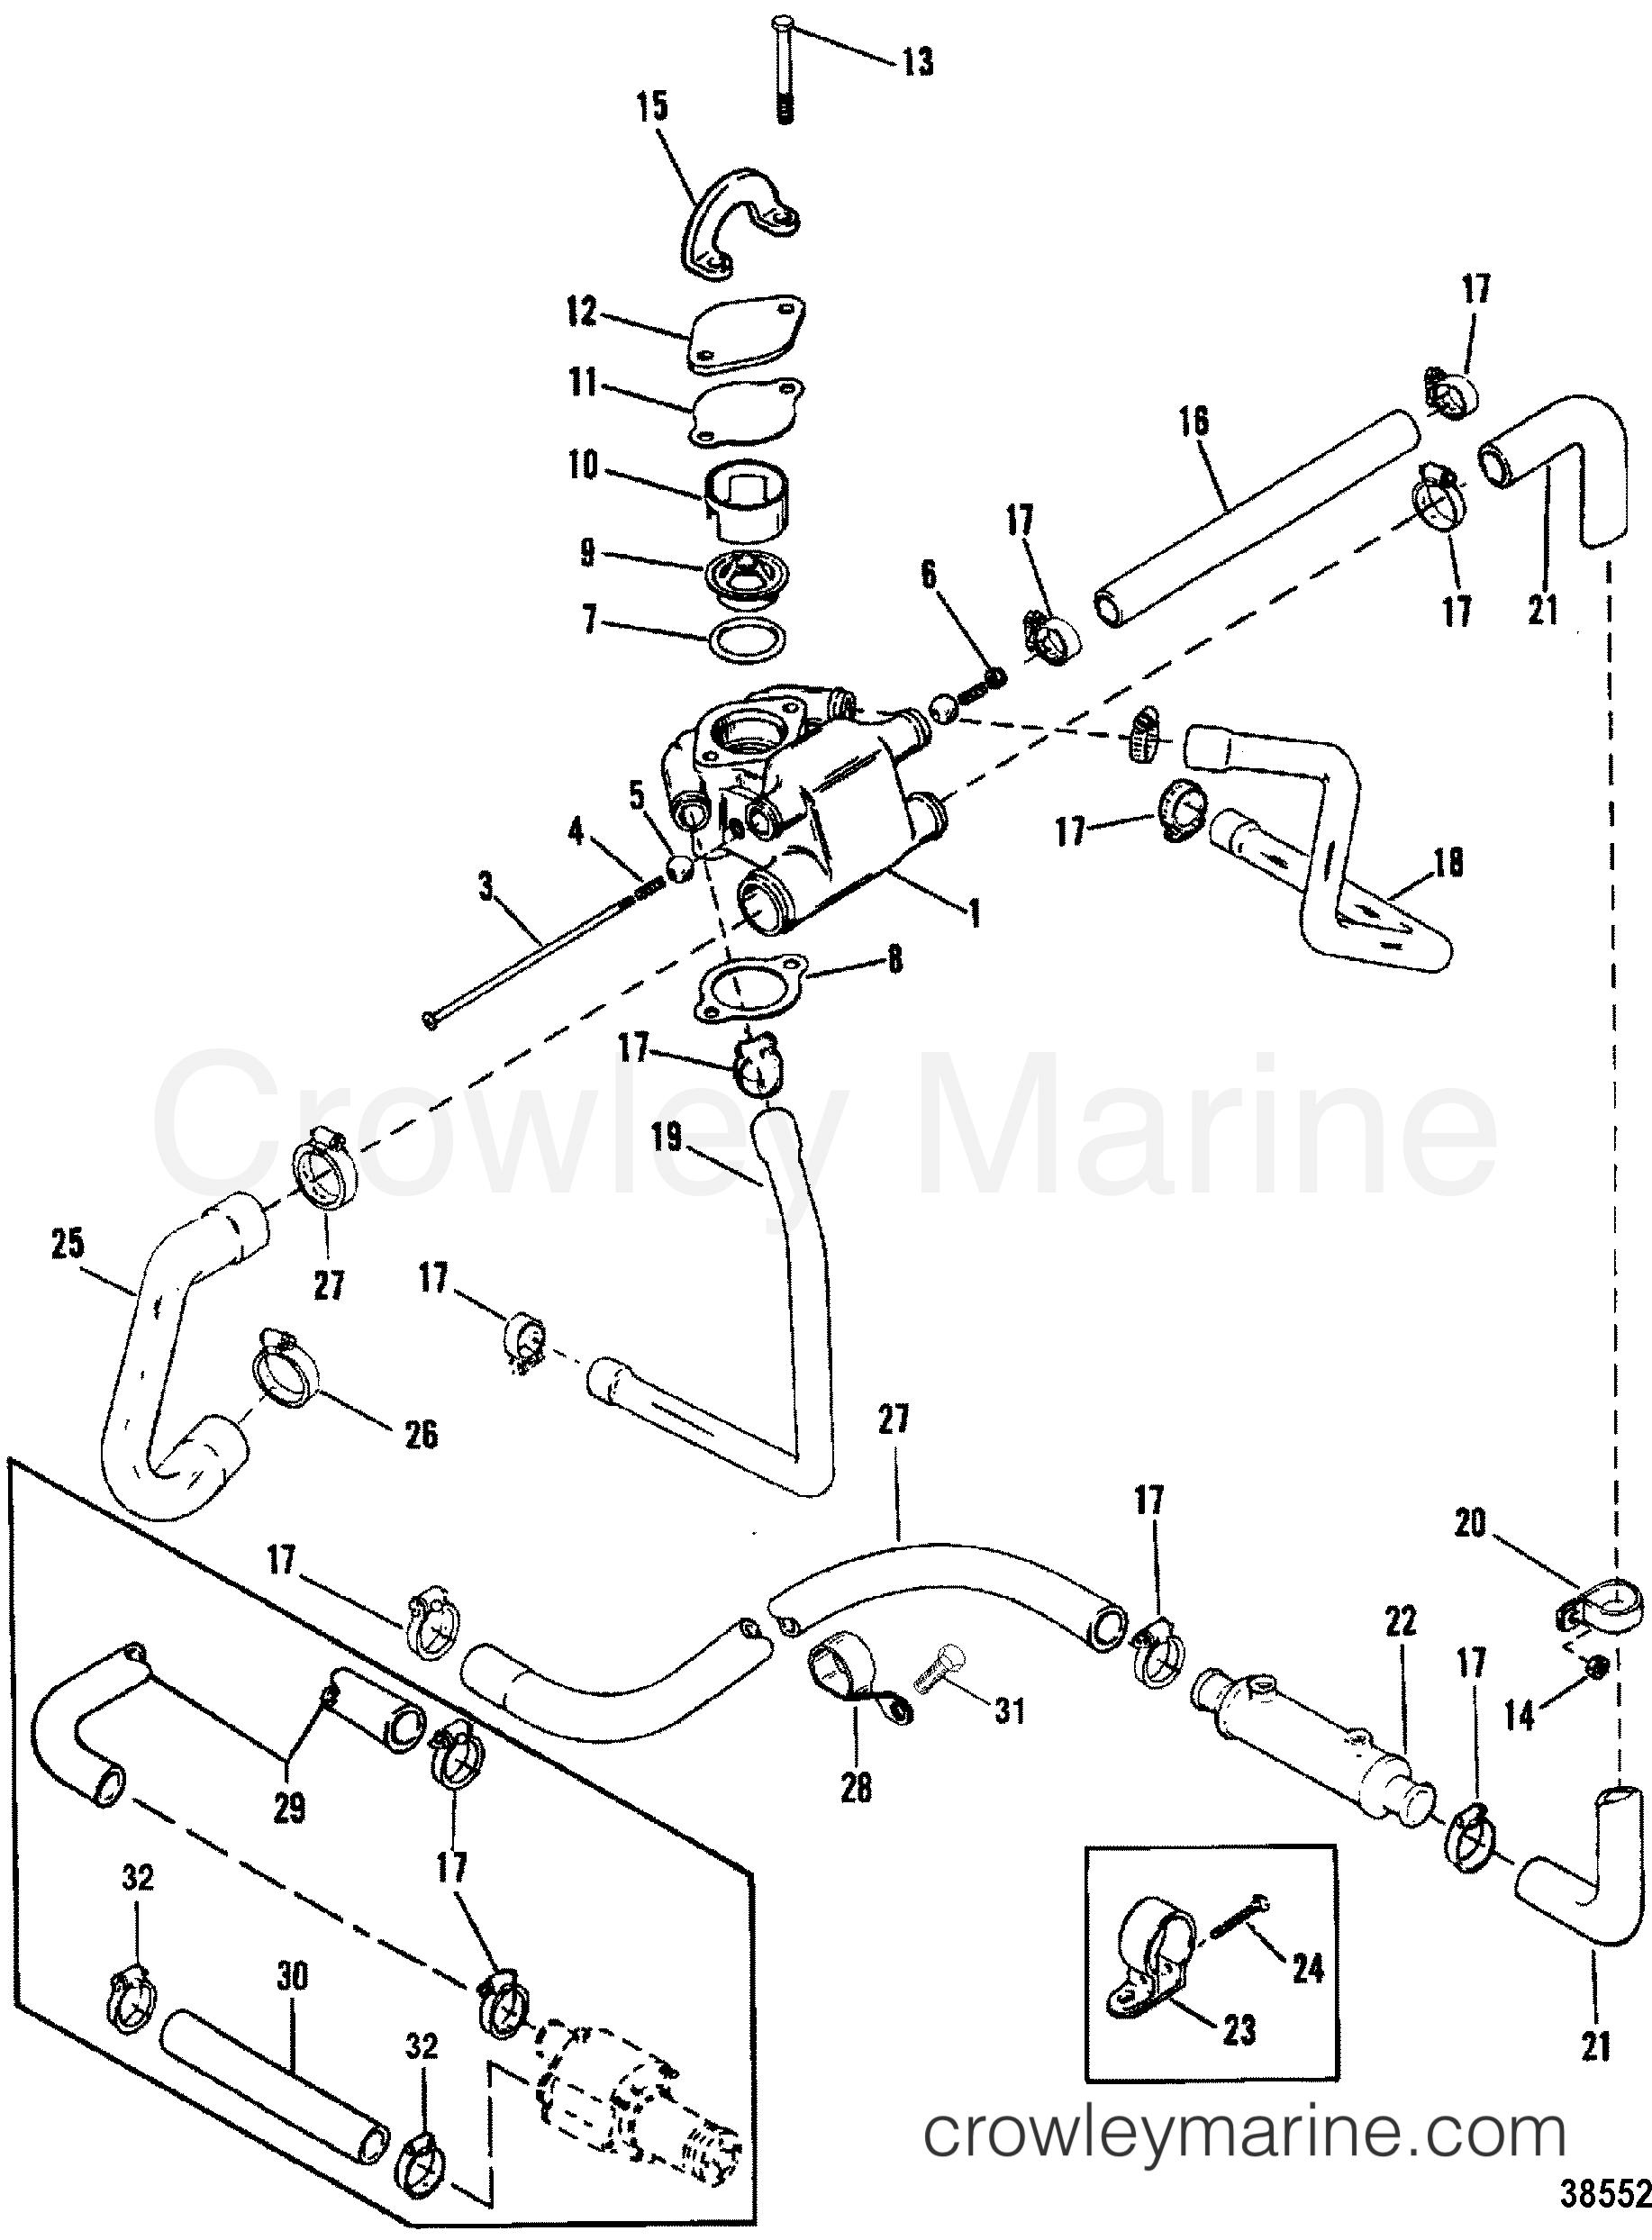 standard cooling system design ii